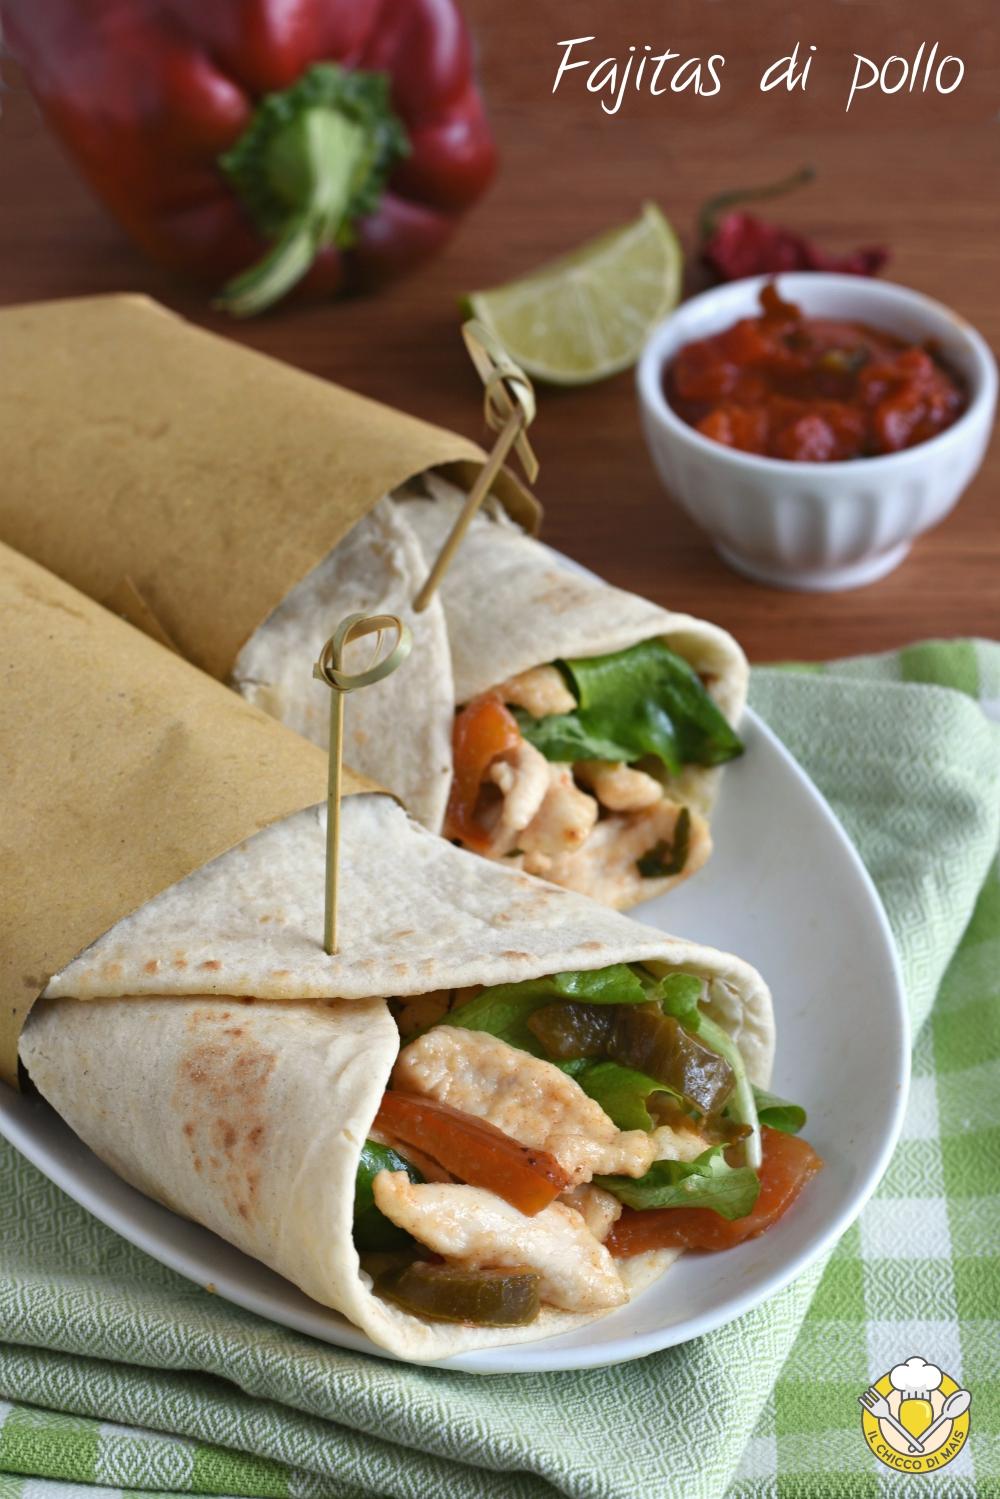 v_ fajitas di pollo e verdure con tortillas ricetta messicana facile piadine arrotolate il chicco di mais